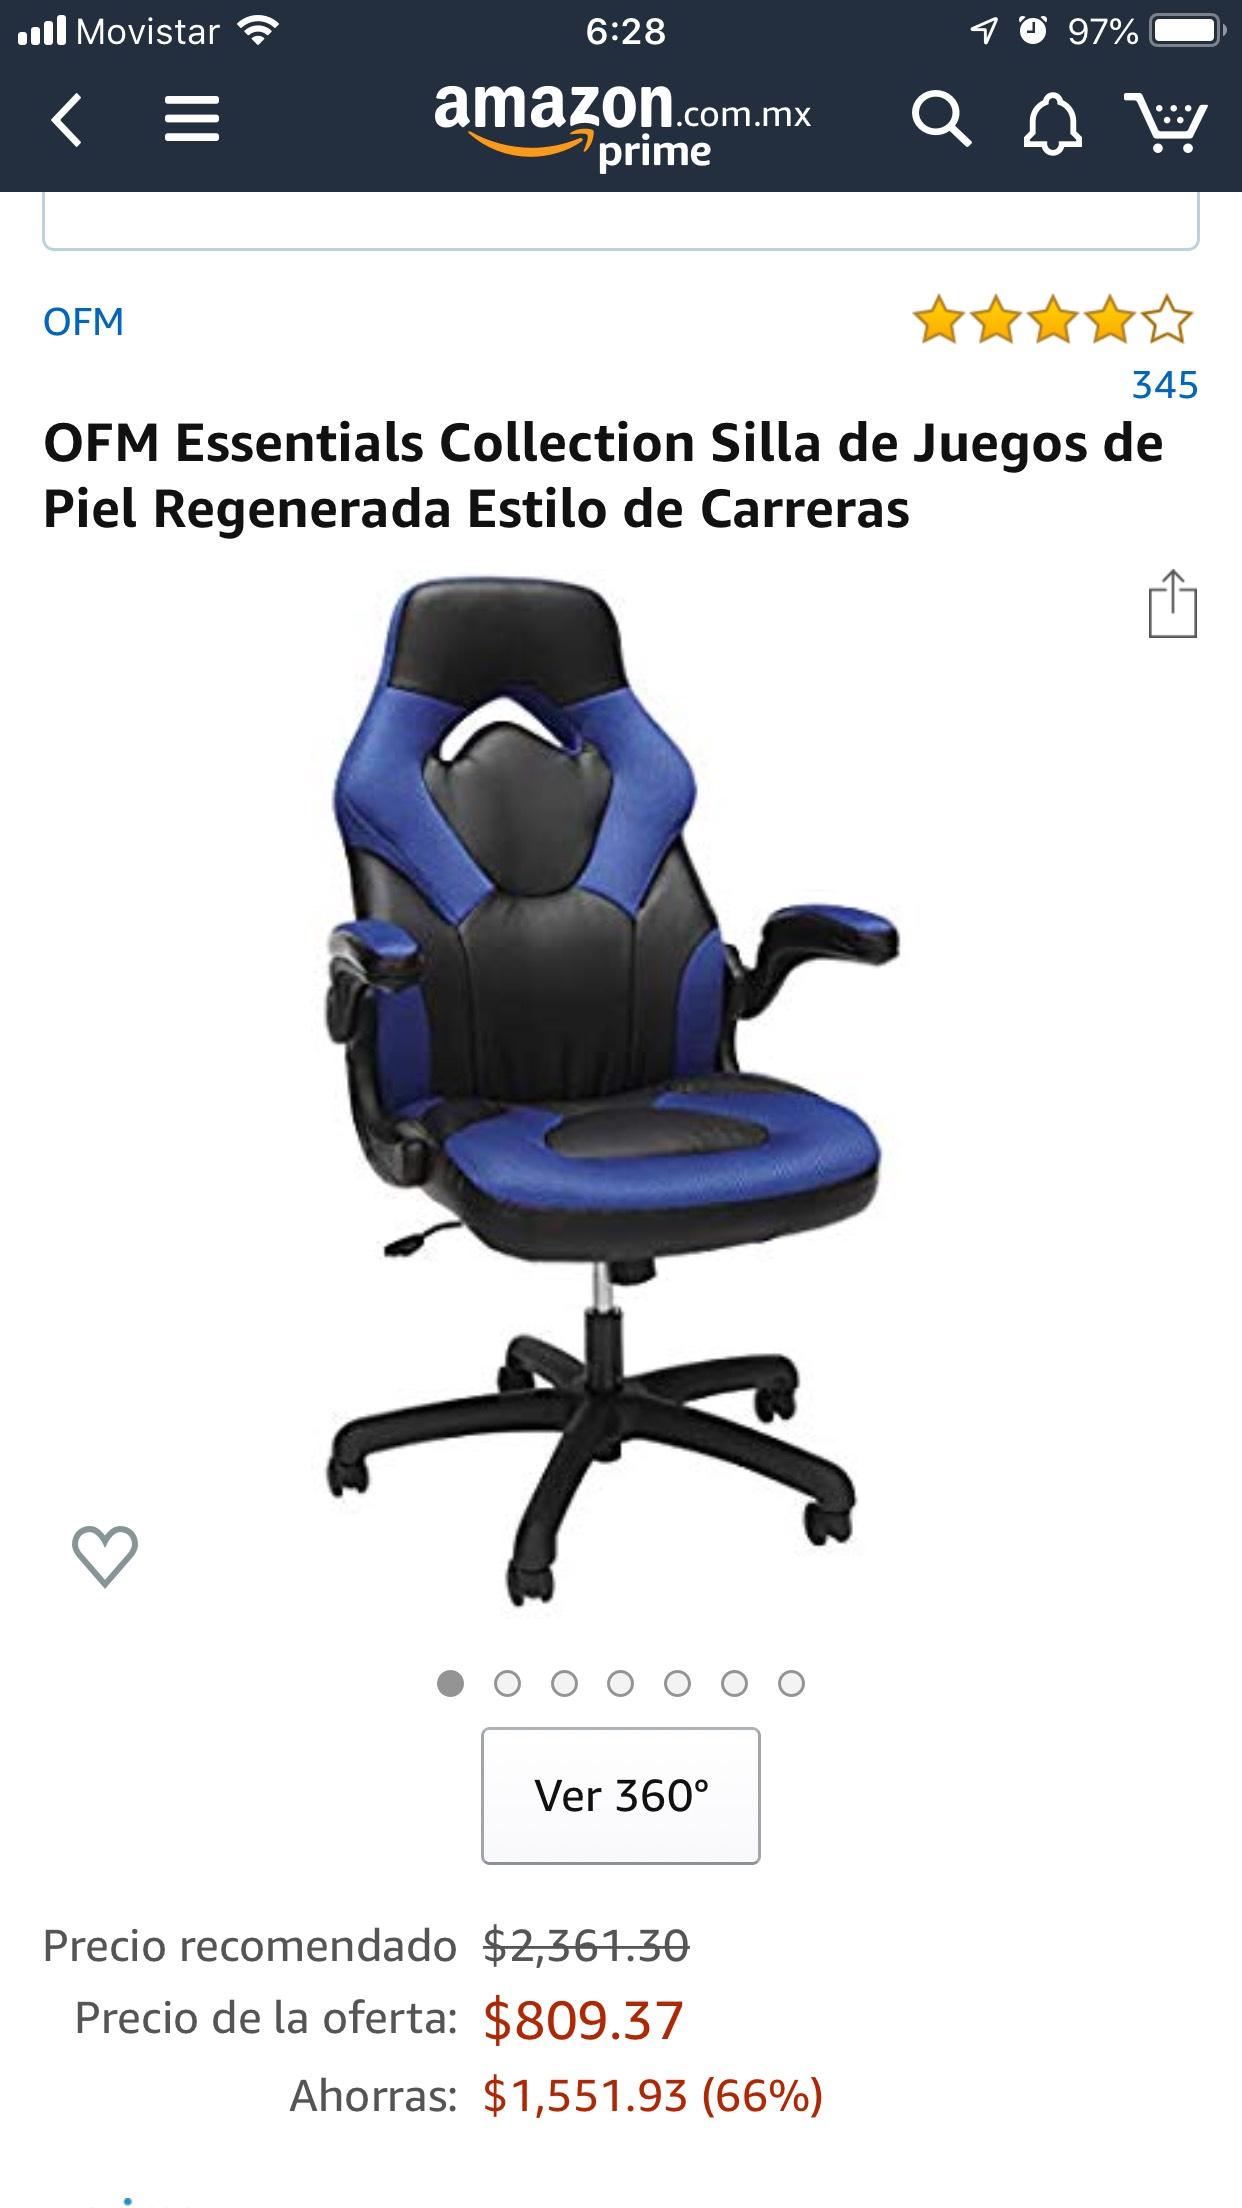 Amazon OFM Essentials Collection Silla de Juegos de Piel Regenerada Estilo de Carreras